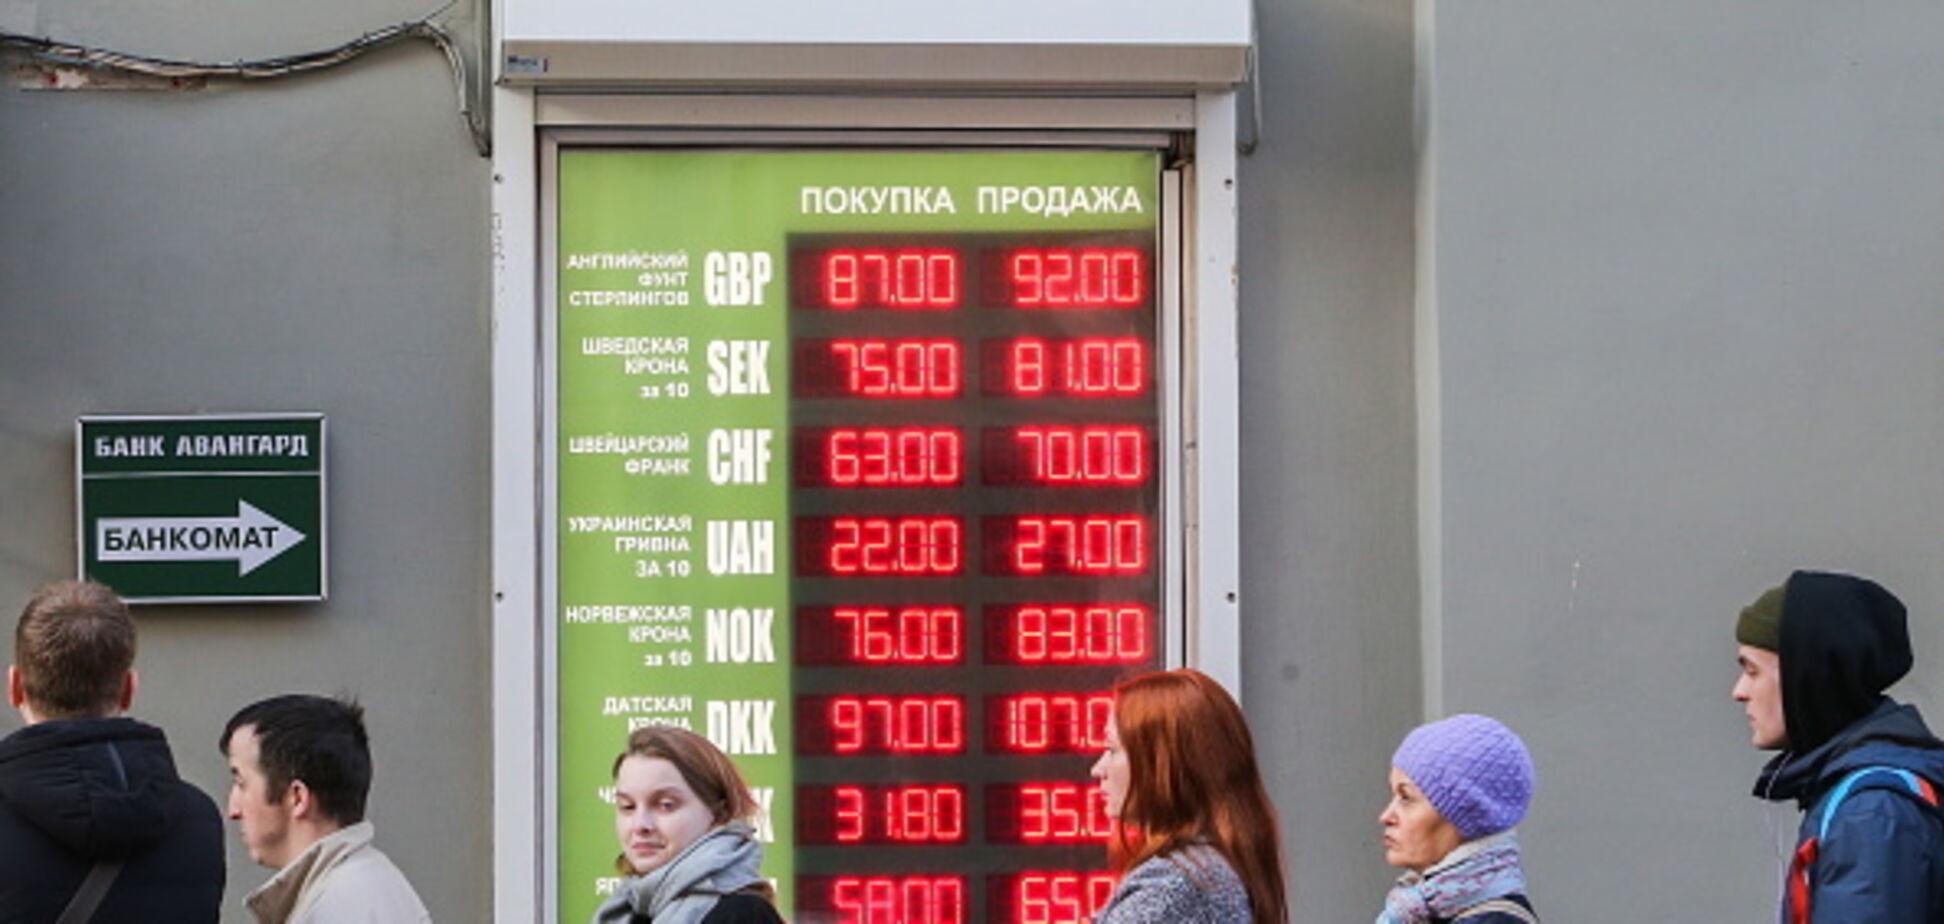 'Люди не тупі!' Економіст розніс ''валютну'' заборону Кремля